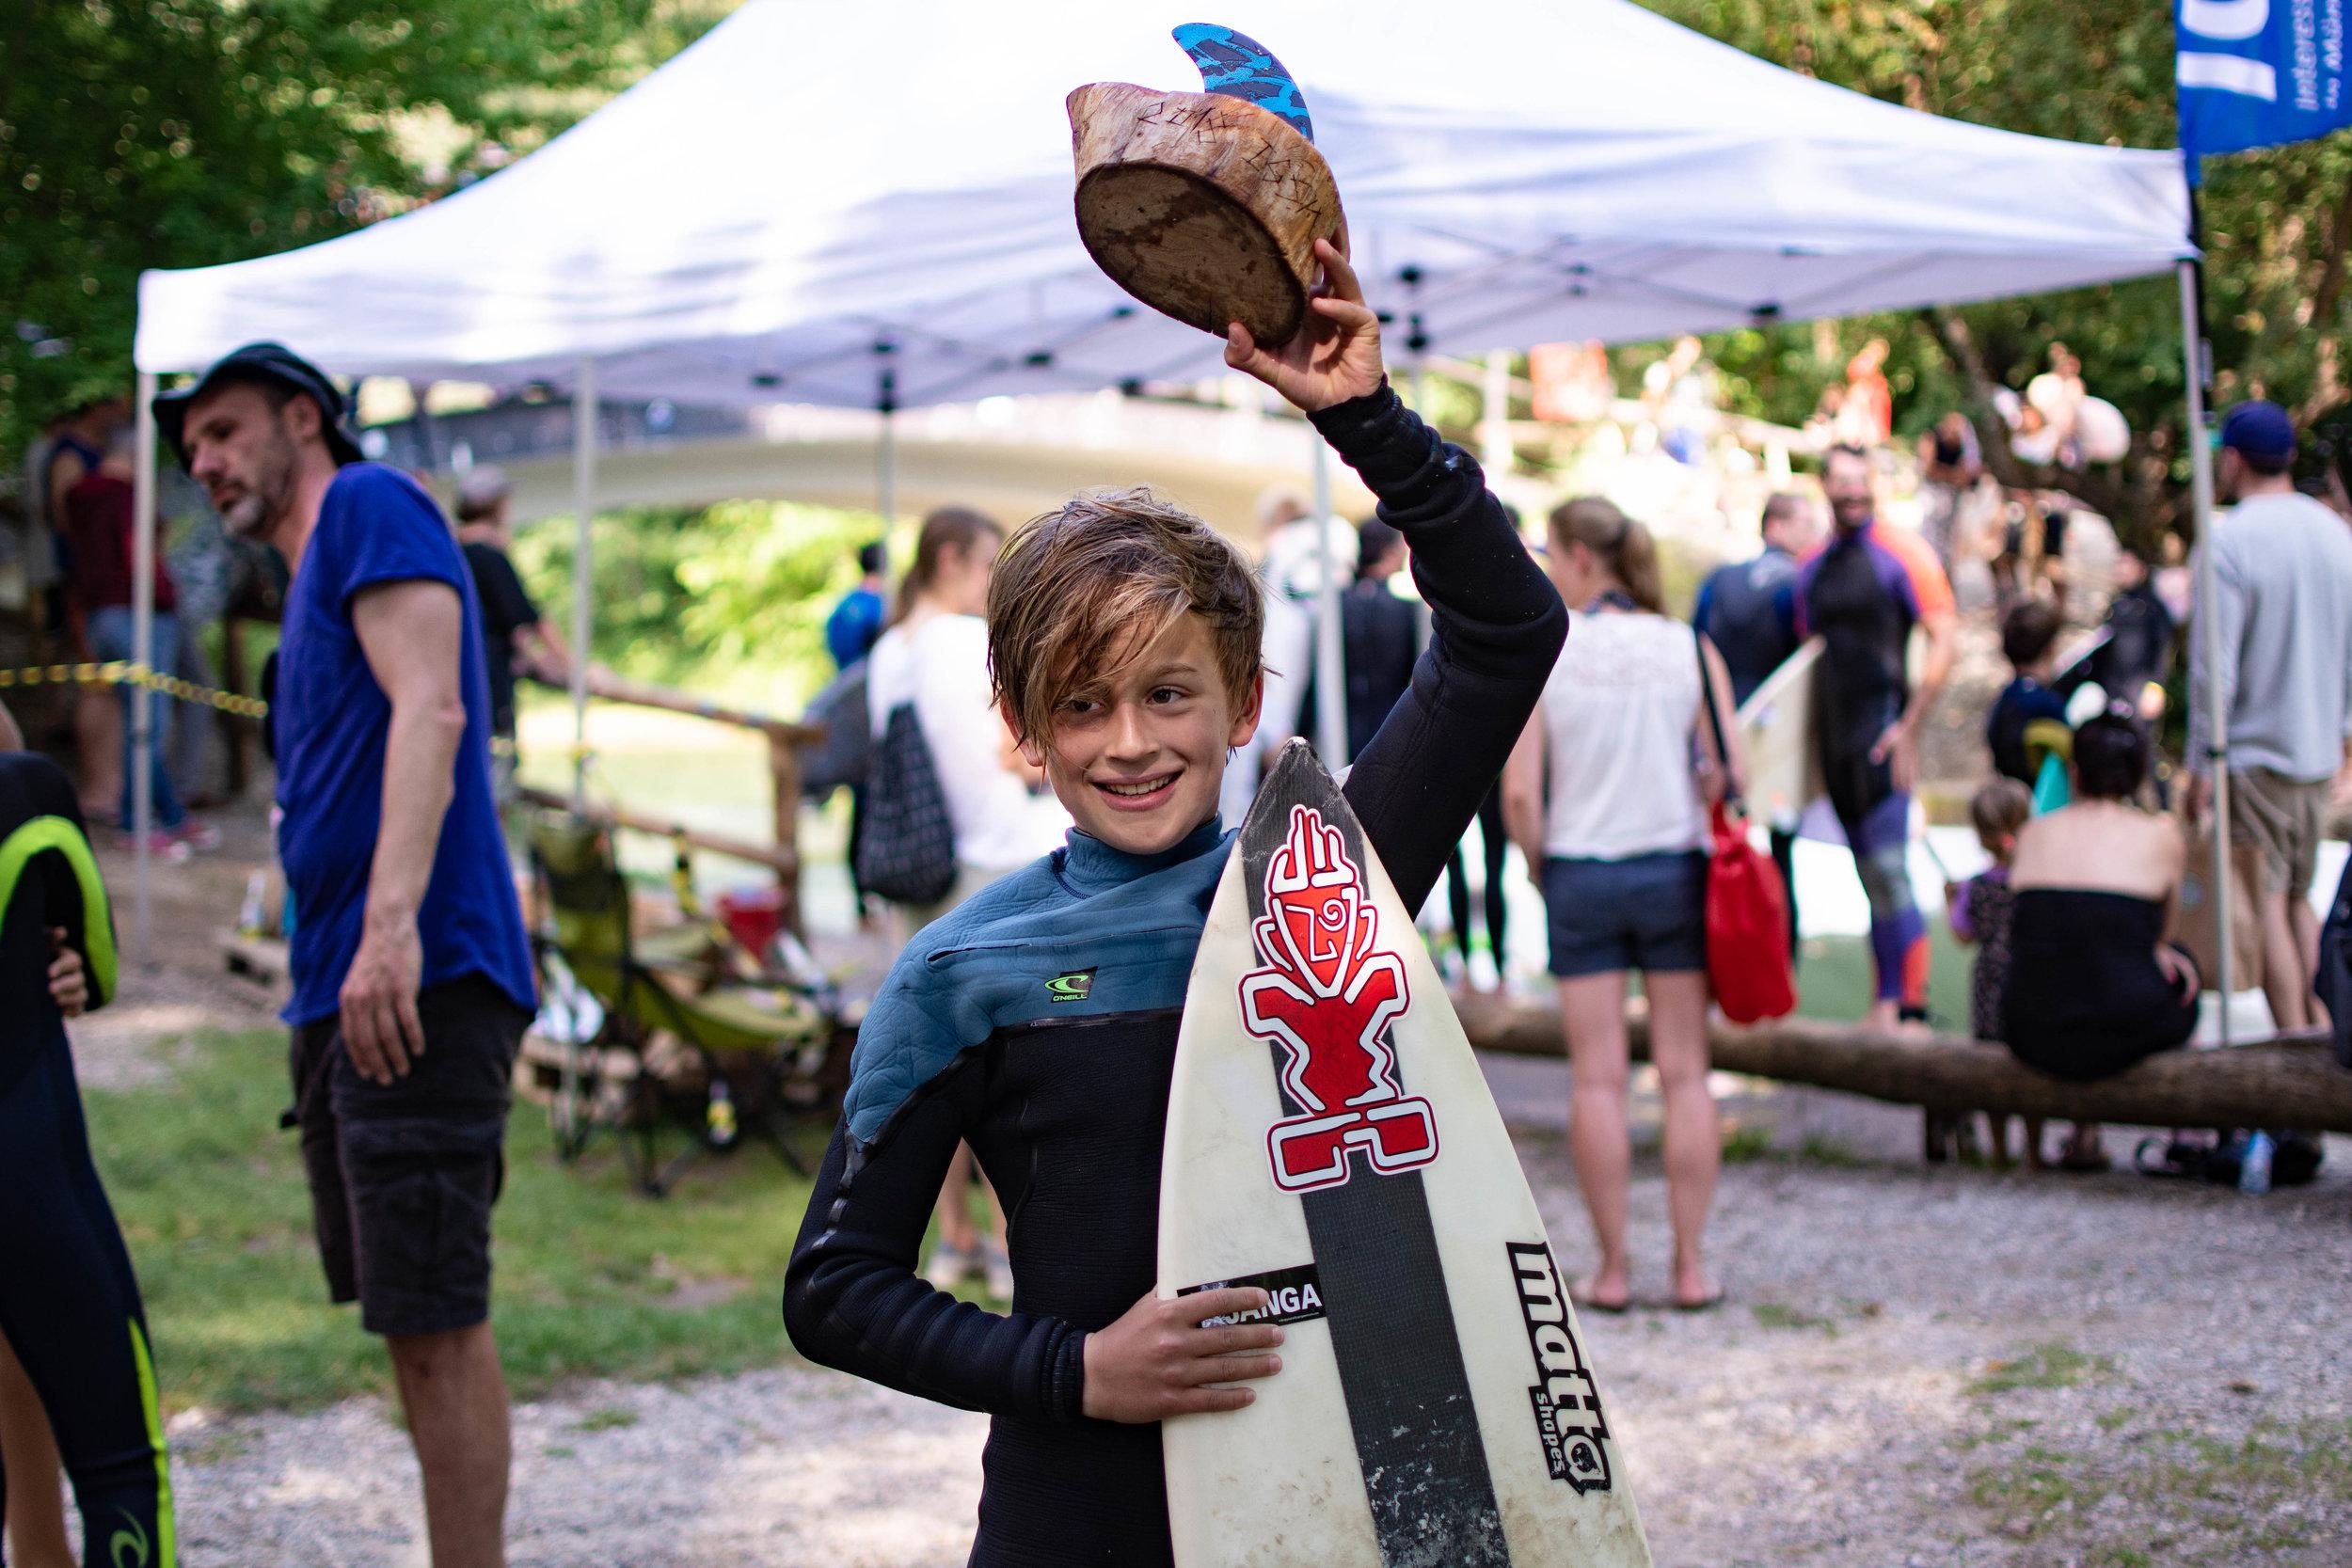 Toni Meier, Foto: Antje Seidel